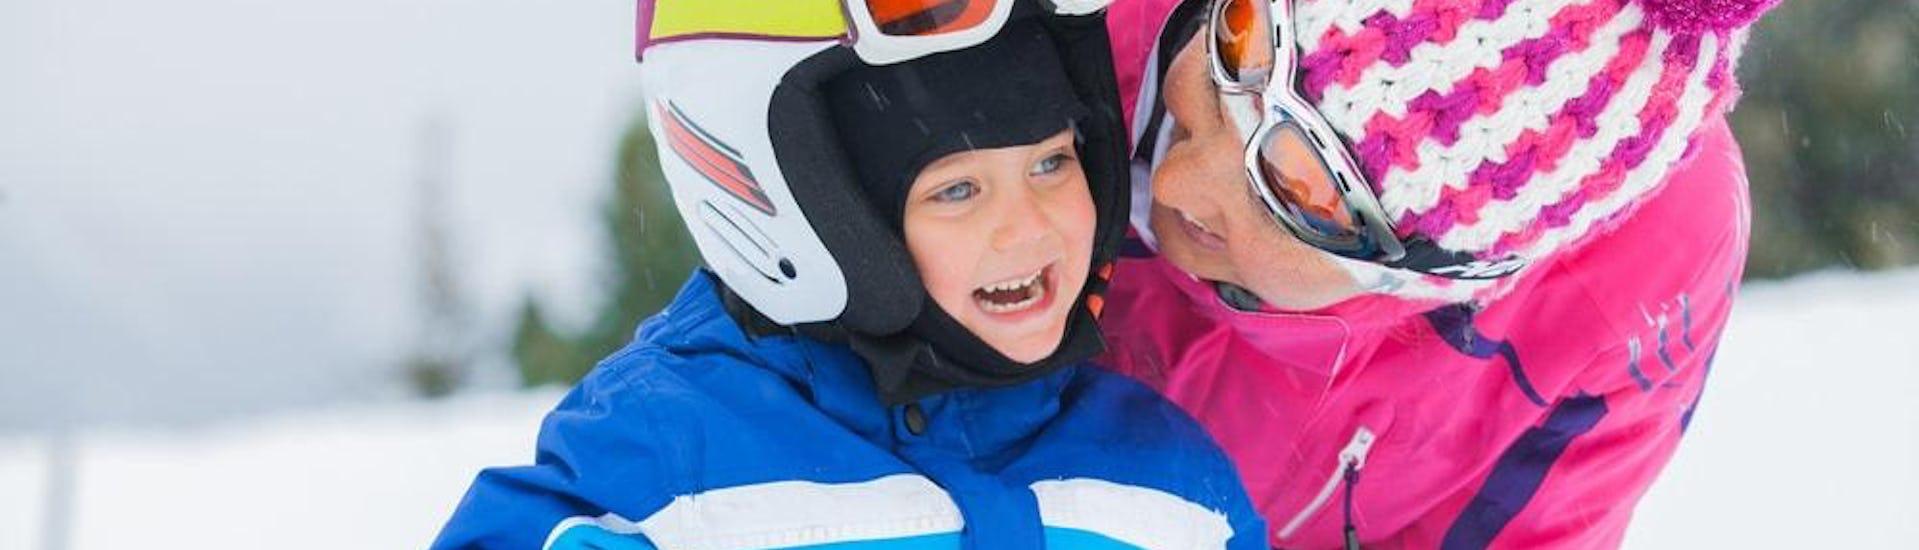 Kind mit Skilehrerin beim Ski Privatlehrer für Kinder - Alle Altersgruppen & Levels